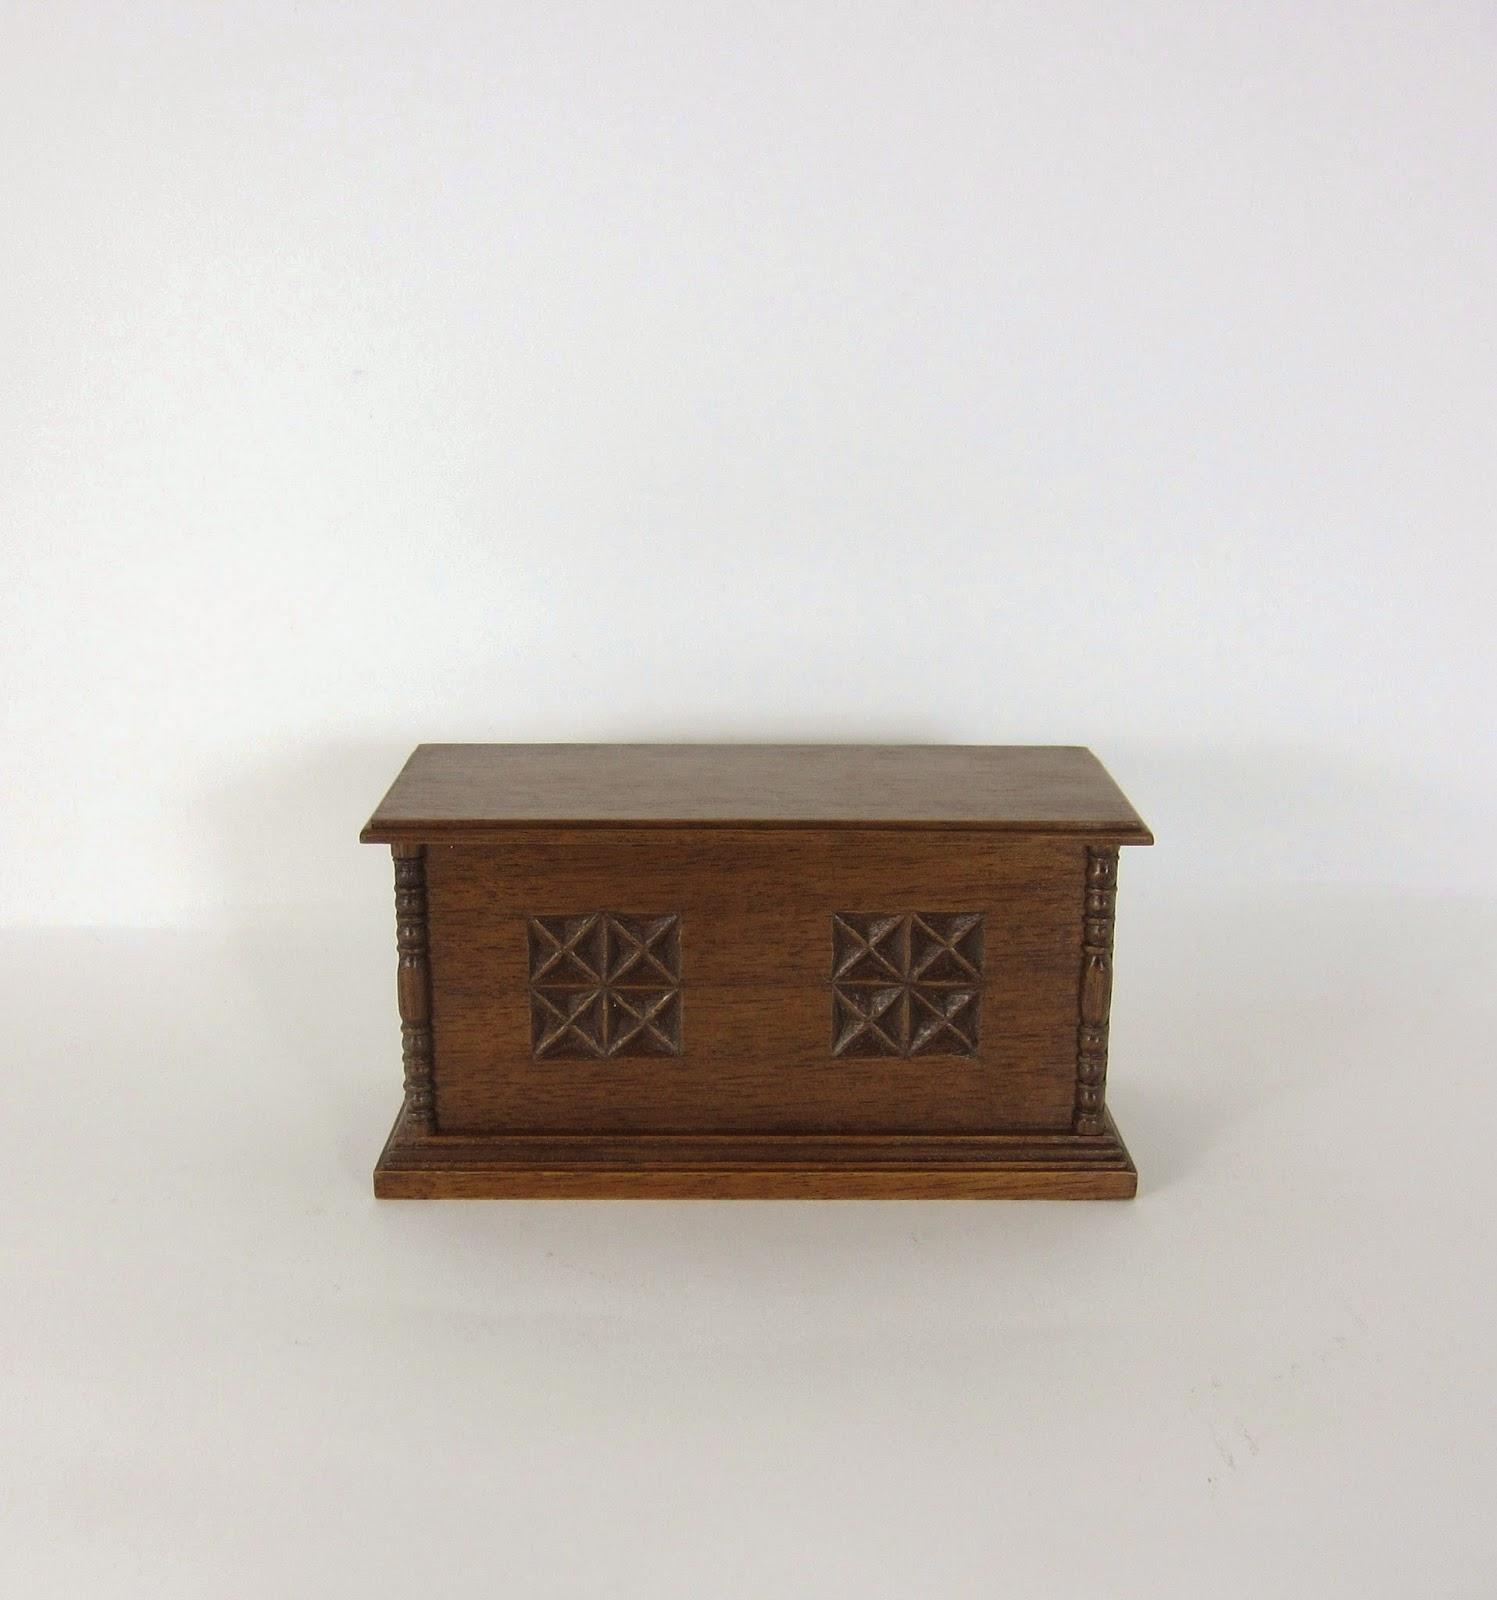 Tallado En Madera De Imagenes MercadoLibre Colombia - imagenes de muebles tallados en madera